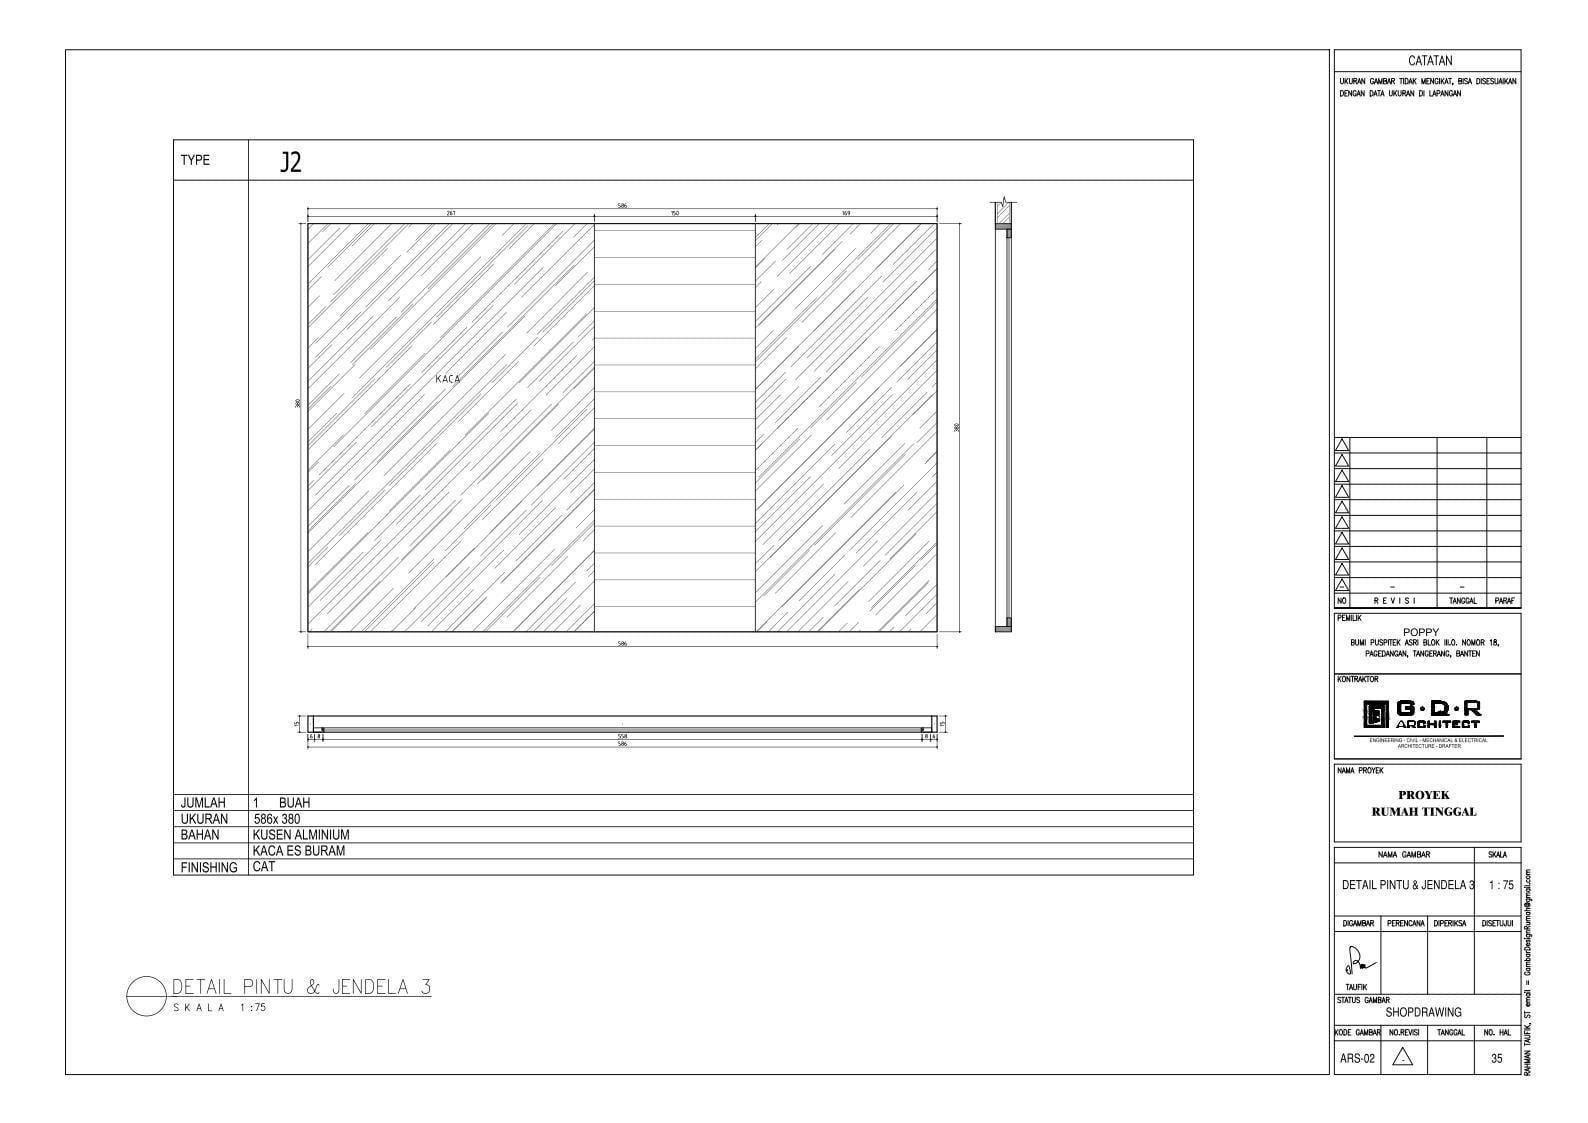 Jasa Desain Rumah Contoh Paket Gambar Kerja 35 DETAIL PINTU DAN JENDELA 3